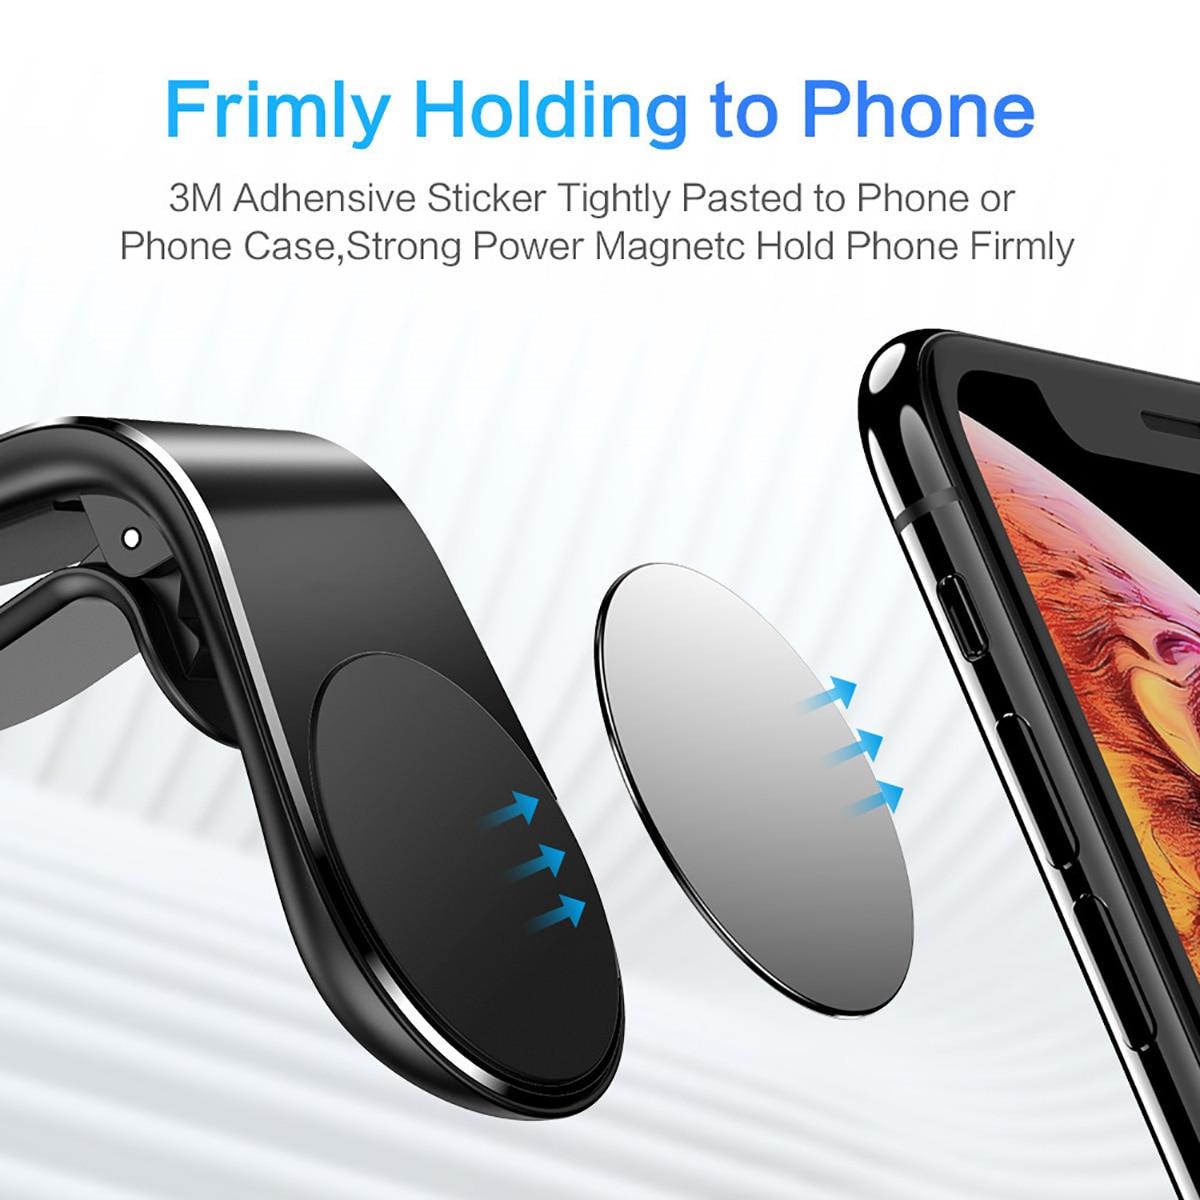 HTB1cBcUX21G3KVjSZFkq6yK4XXa2 - Minimalist Magnetic Car Phone Holder